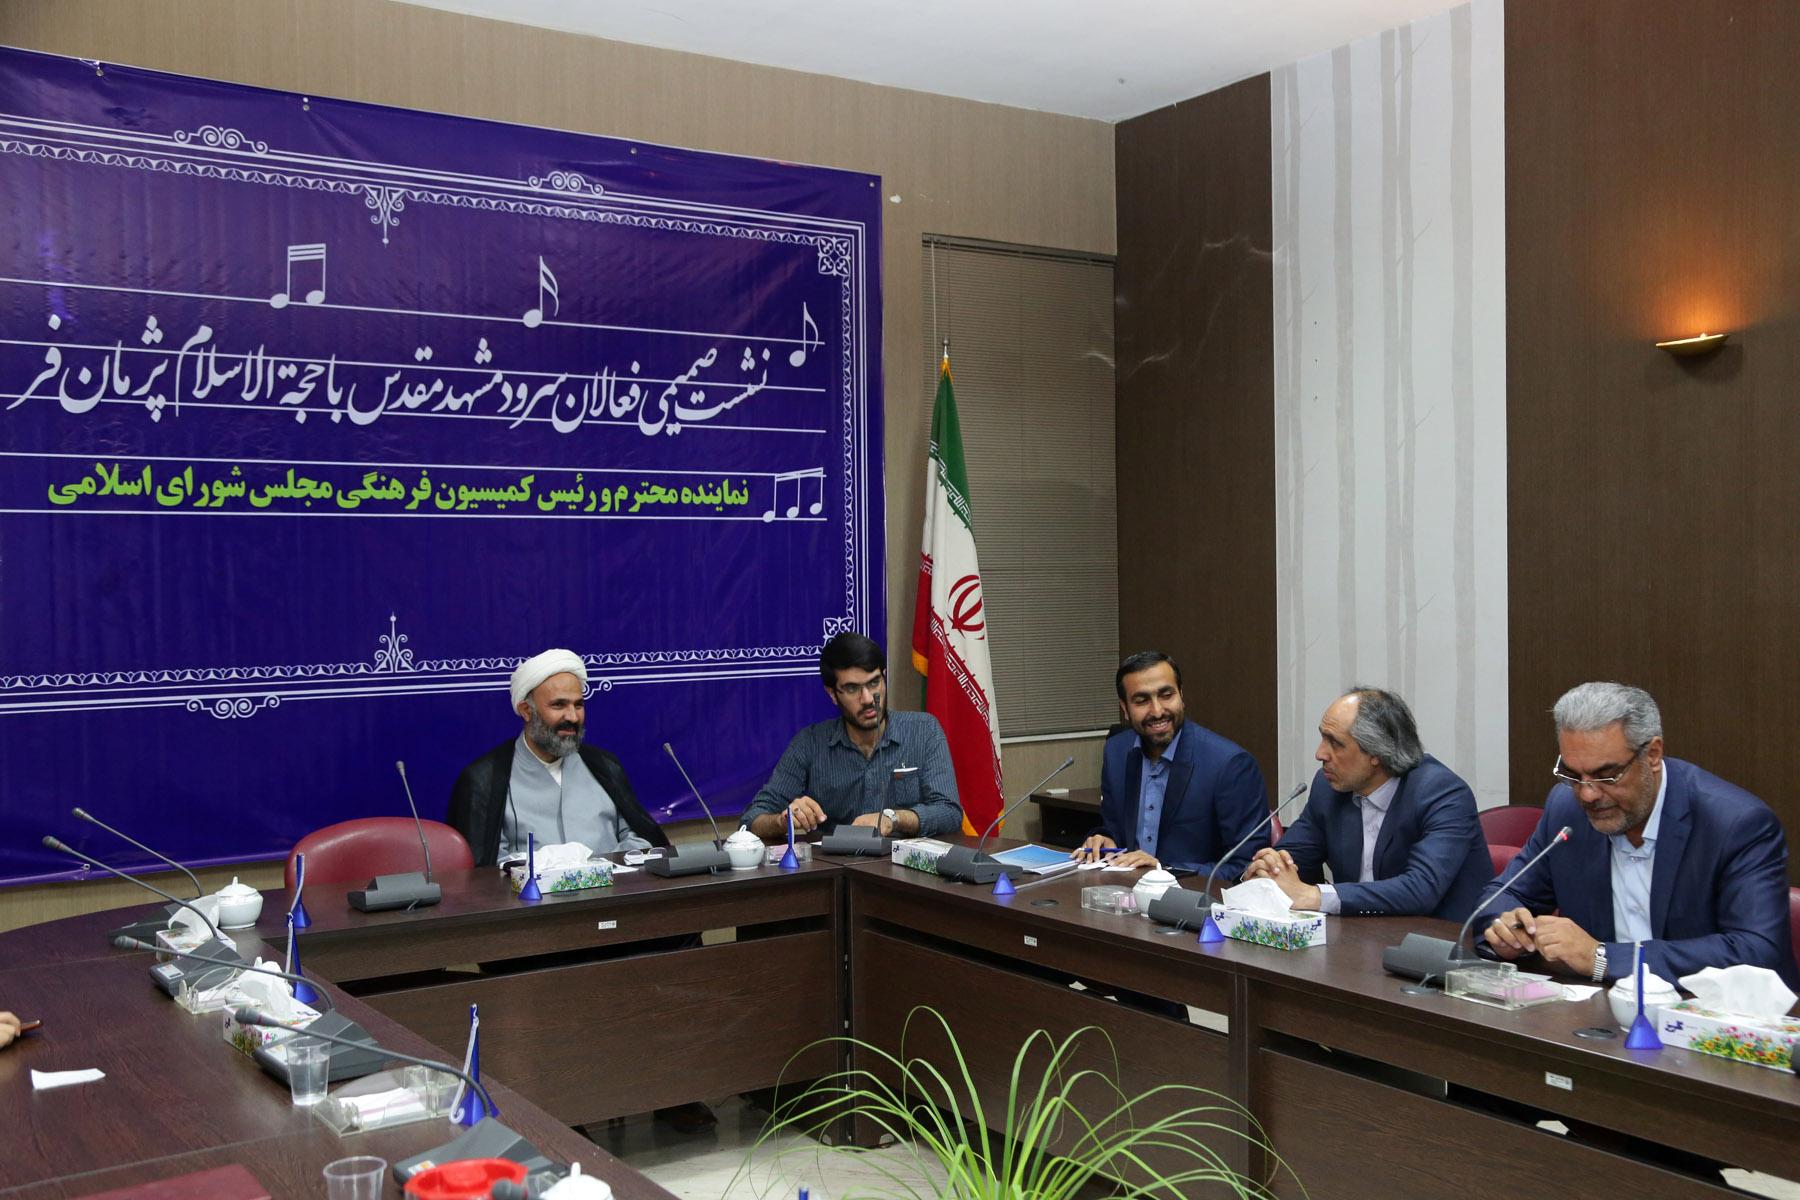 گزارش تصویری / نشست صمیمی فعالان سرود مشهد با رئیس کمیسیون فرهنگی